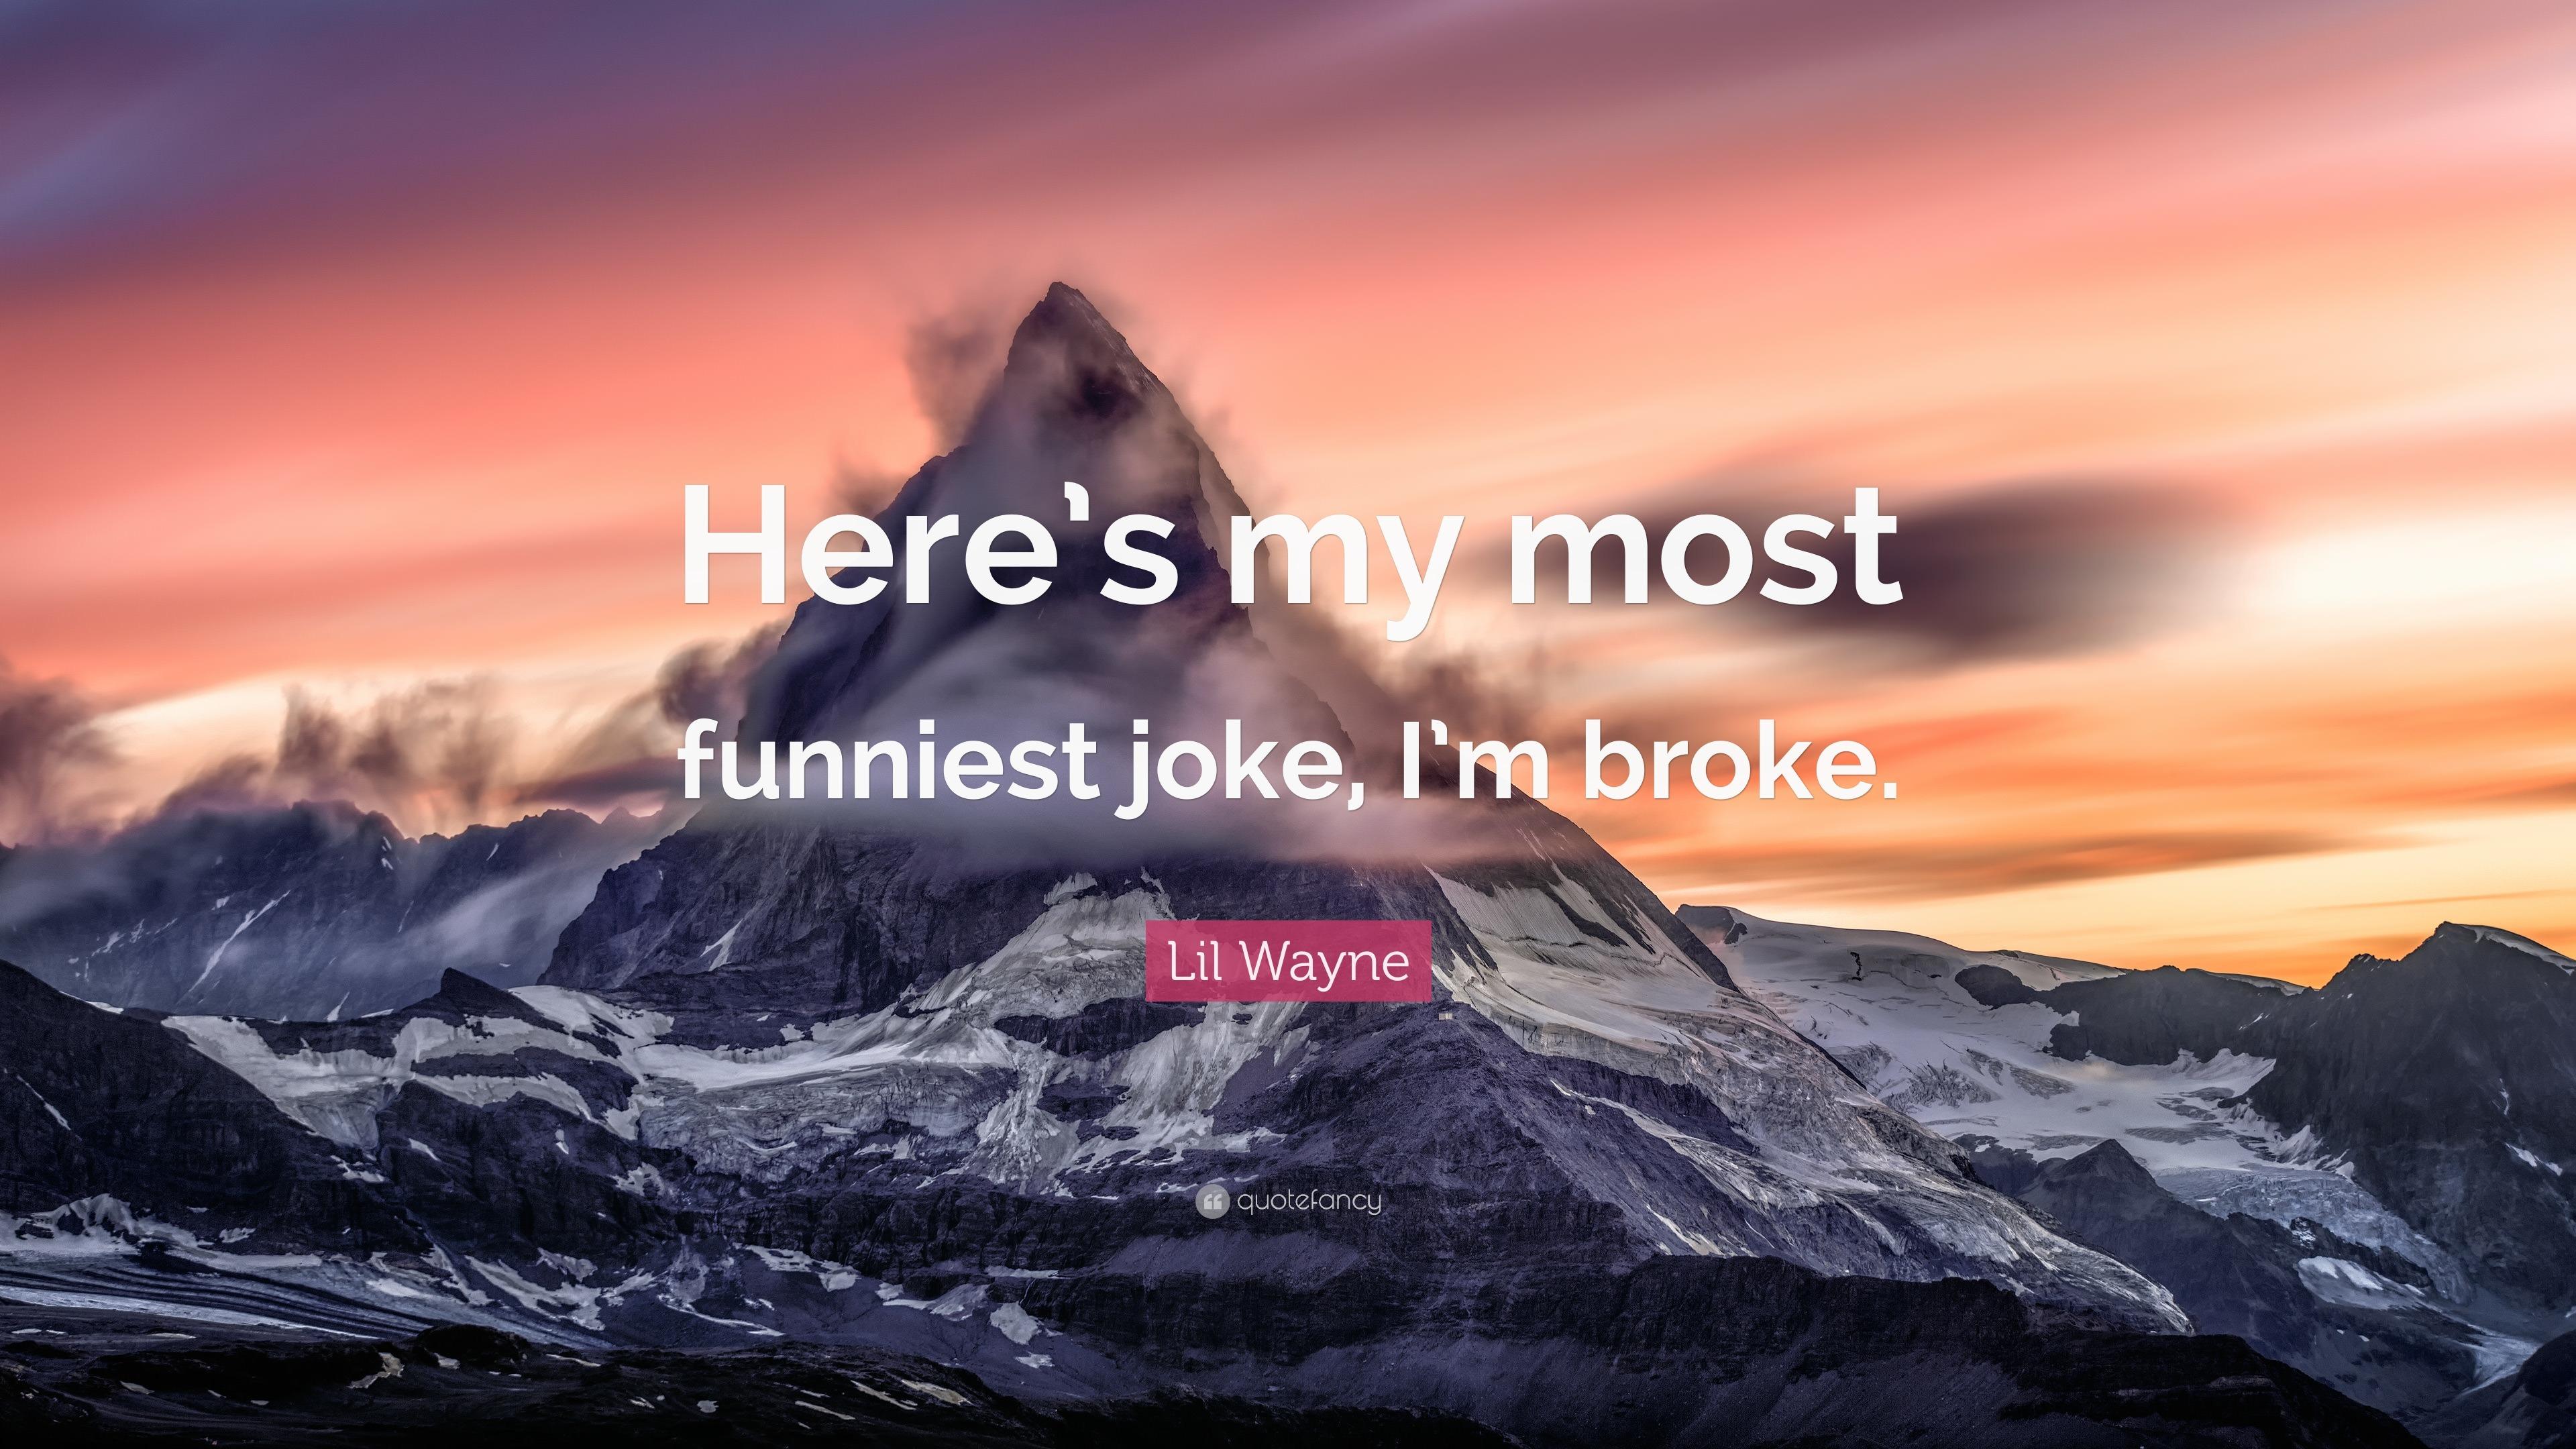 Astounding Lil Wayne Quote Heres My Most Funniest Joke Im Broke 10 Funny Birthday Cards Online Elaedamsfinfo